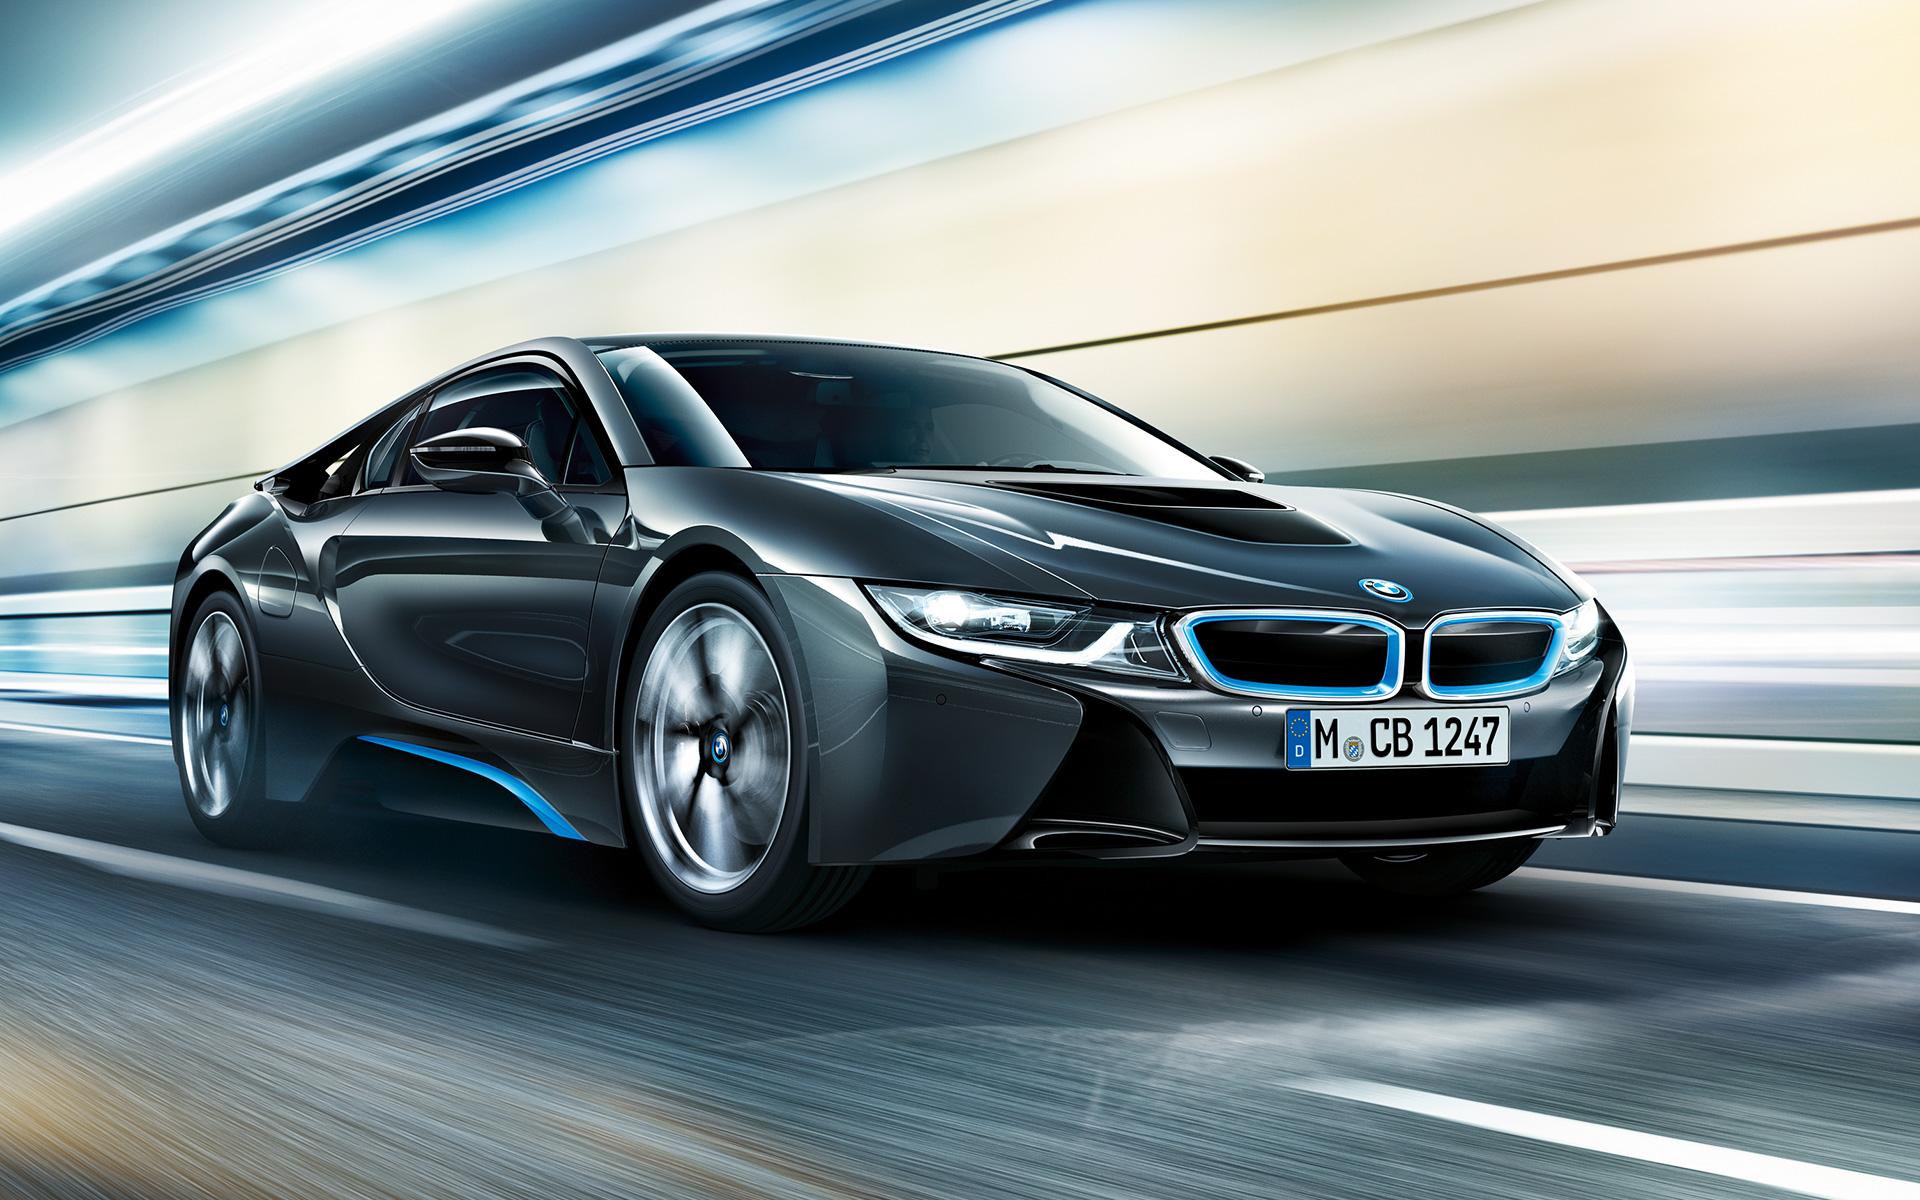 BMW全系降临 闪耀第十四届青岛秋季国际车展